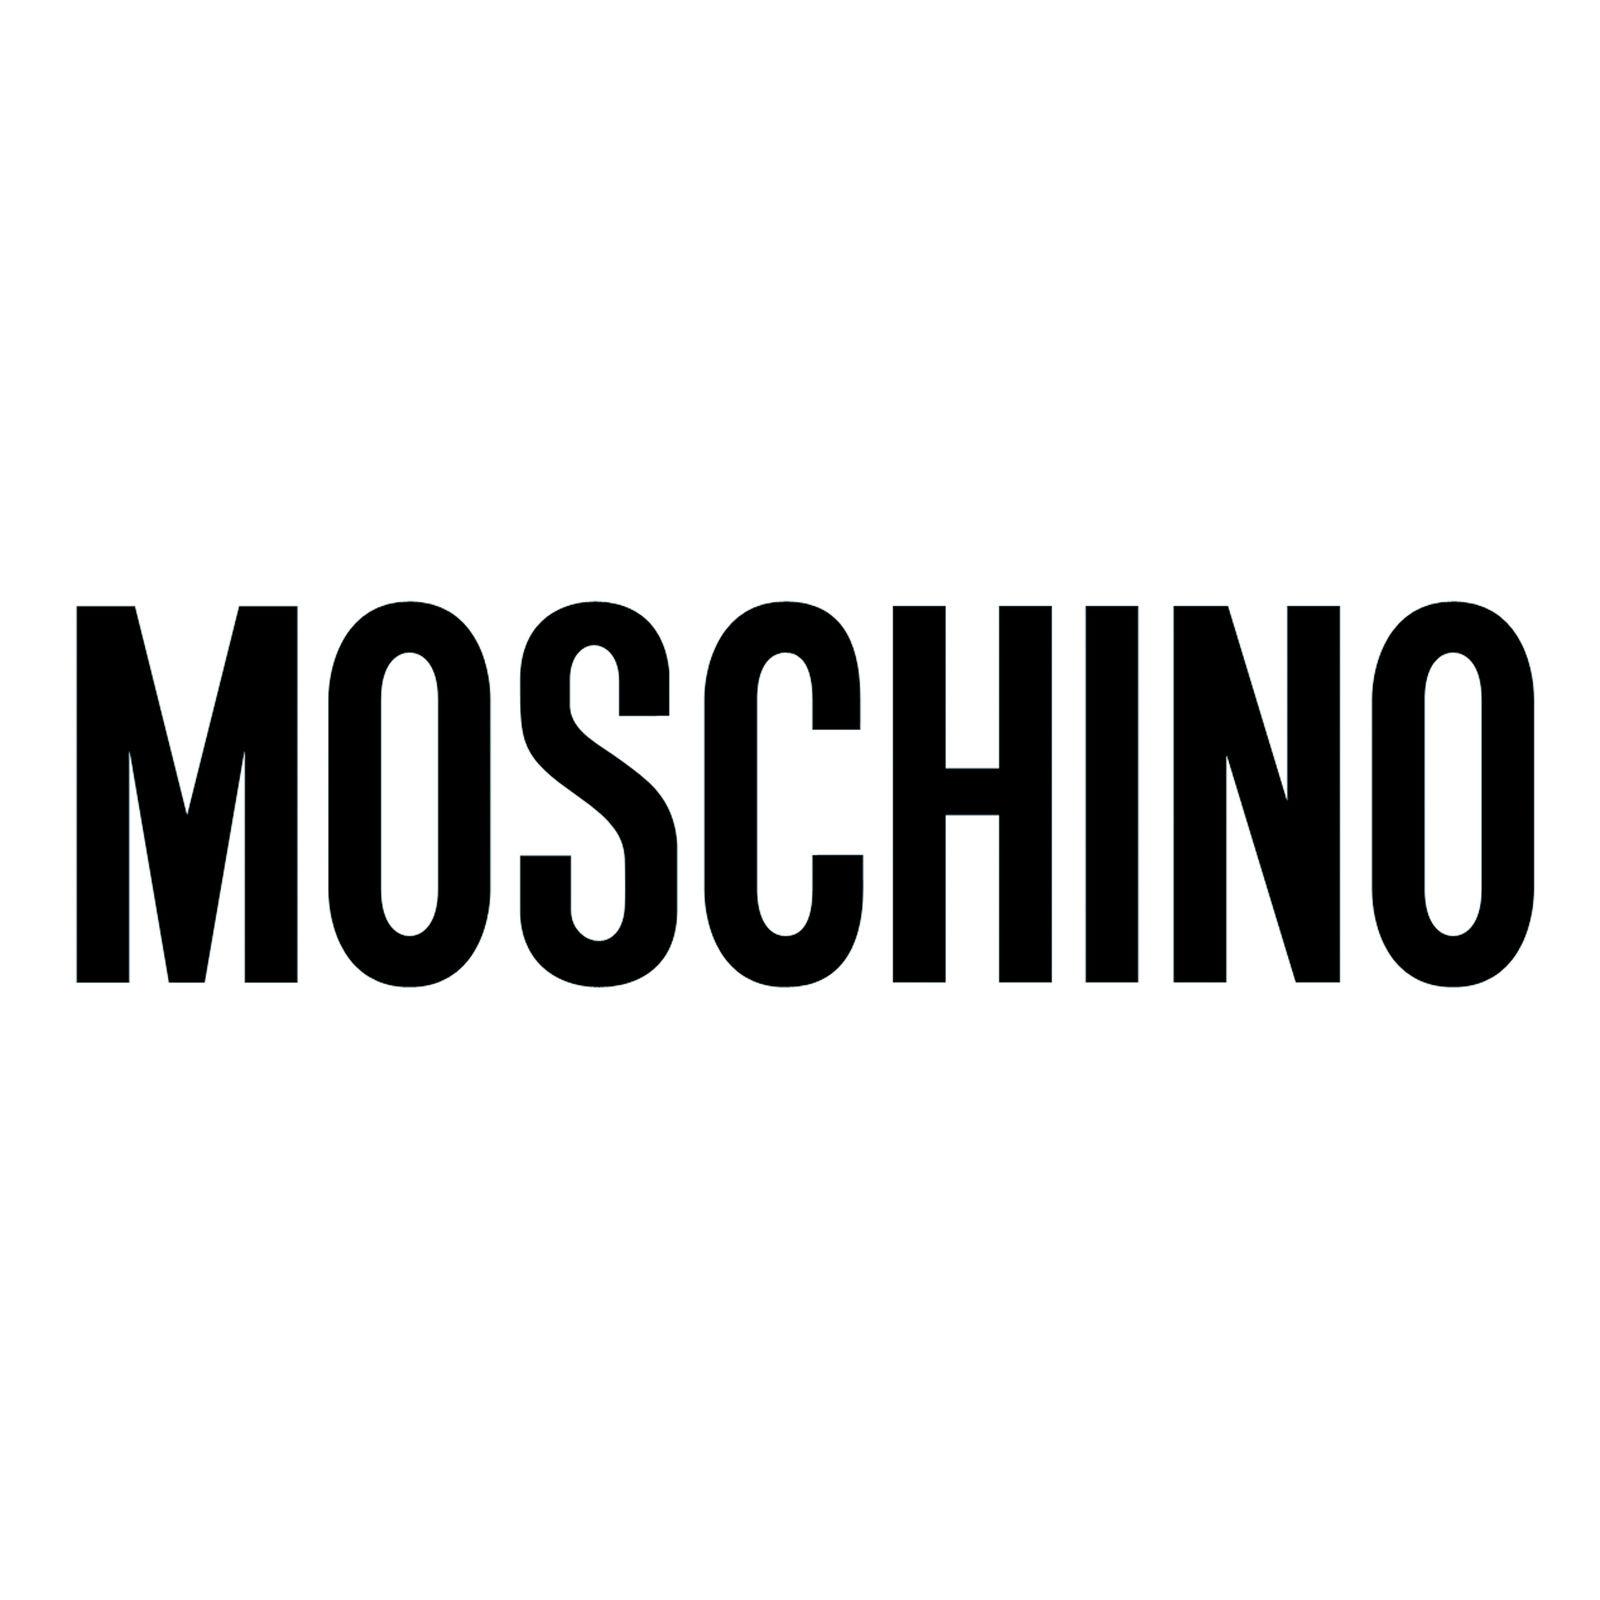 MOSCHINO (Bild 1)